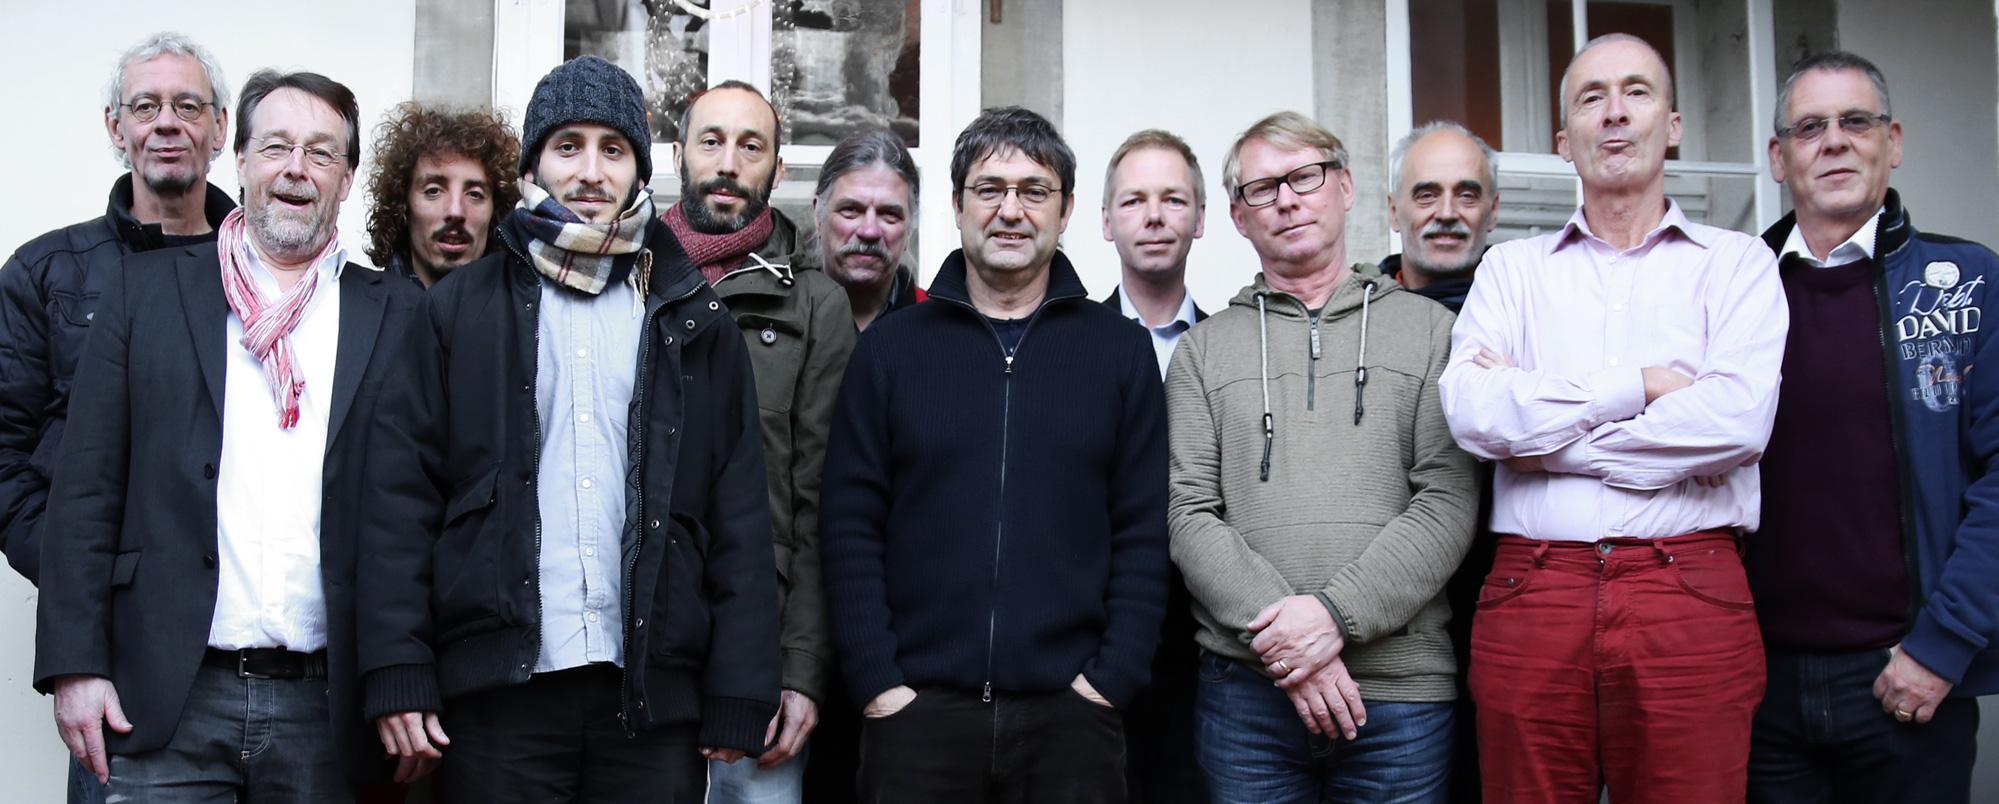 Gruppenfoto Internationale Männerzeitung im schweizerischen Burgdorf